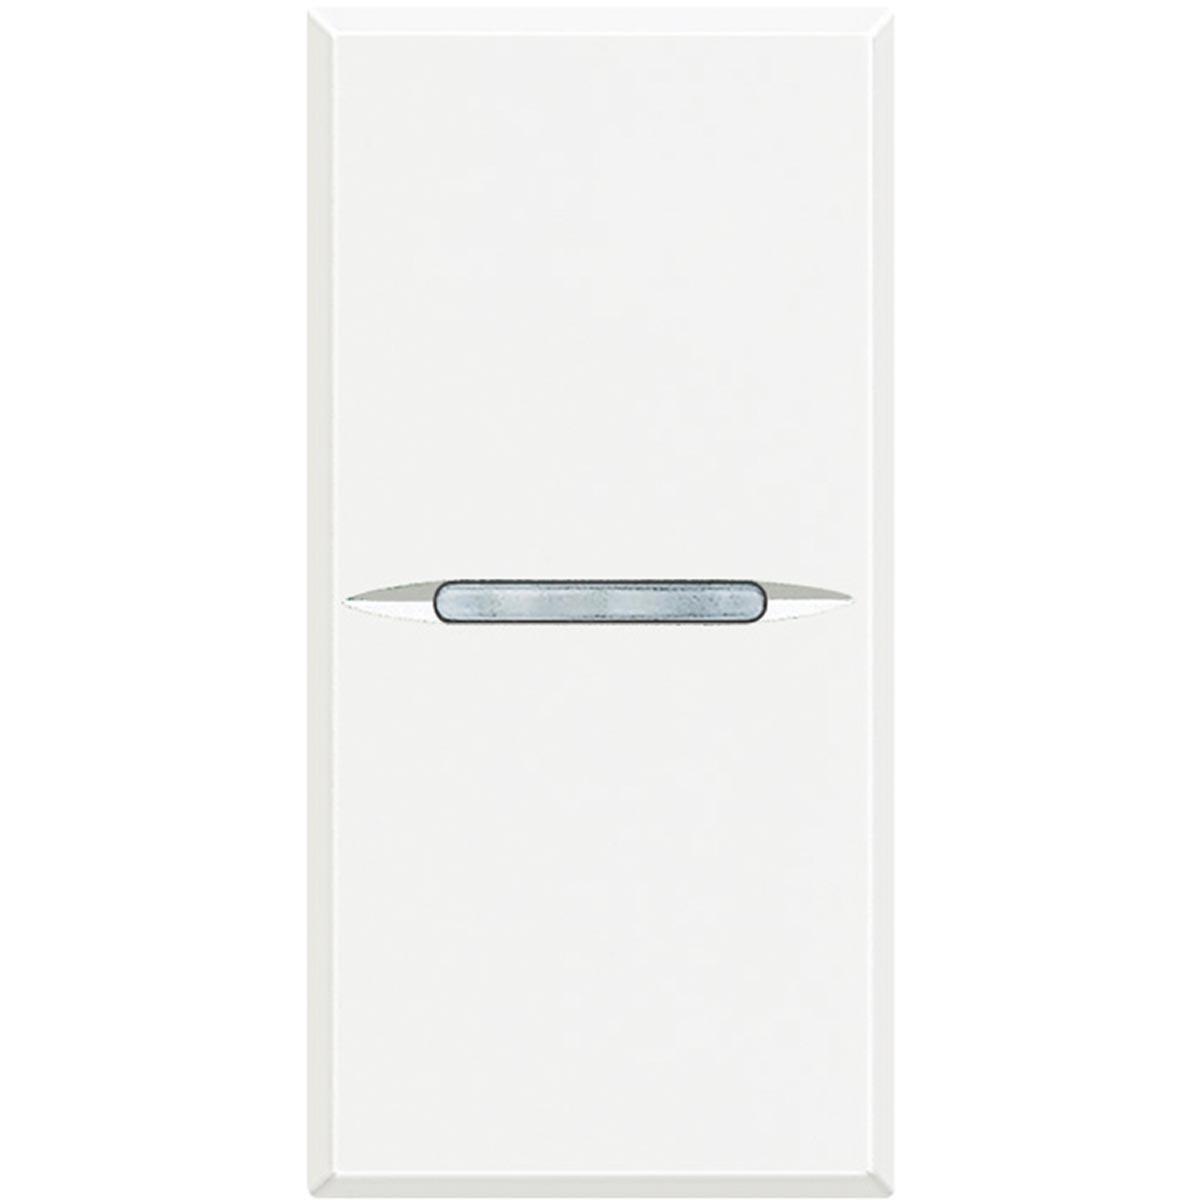 Invertitore Bticino Axolute Bianco HD4004